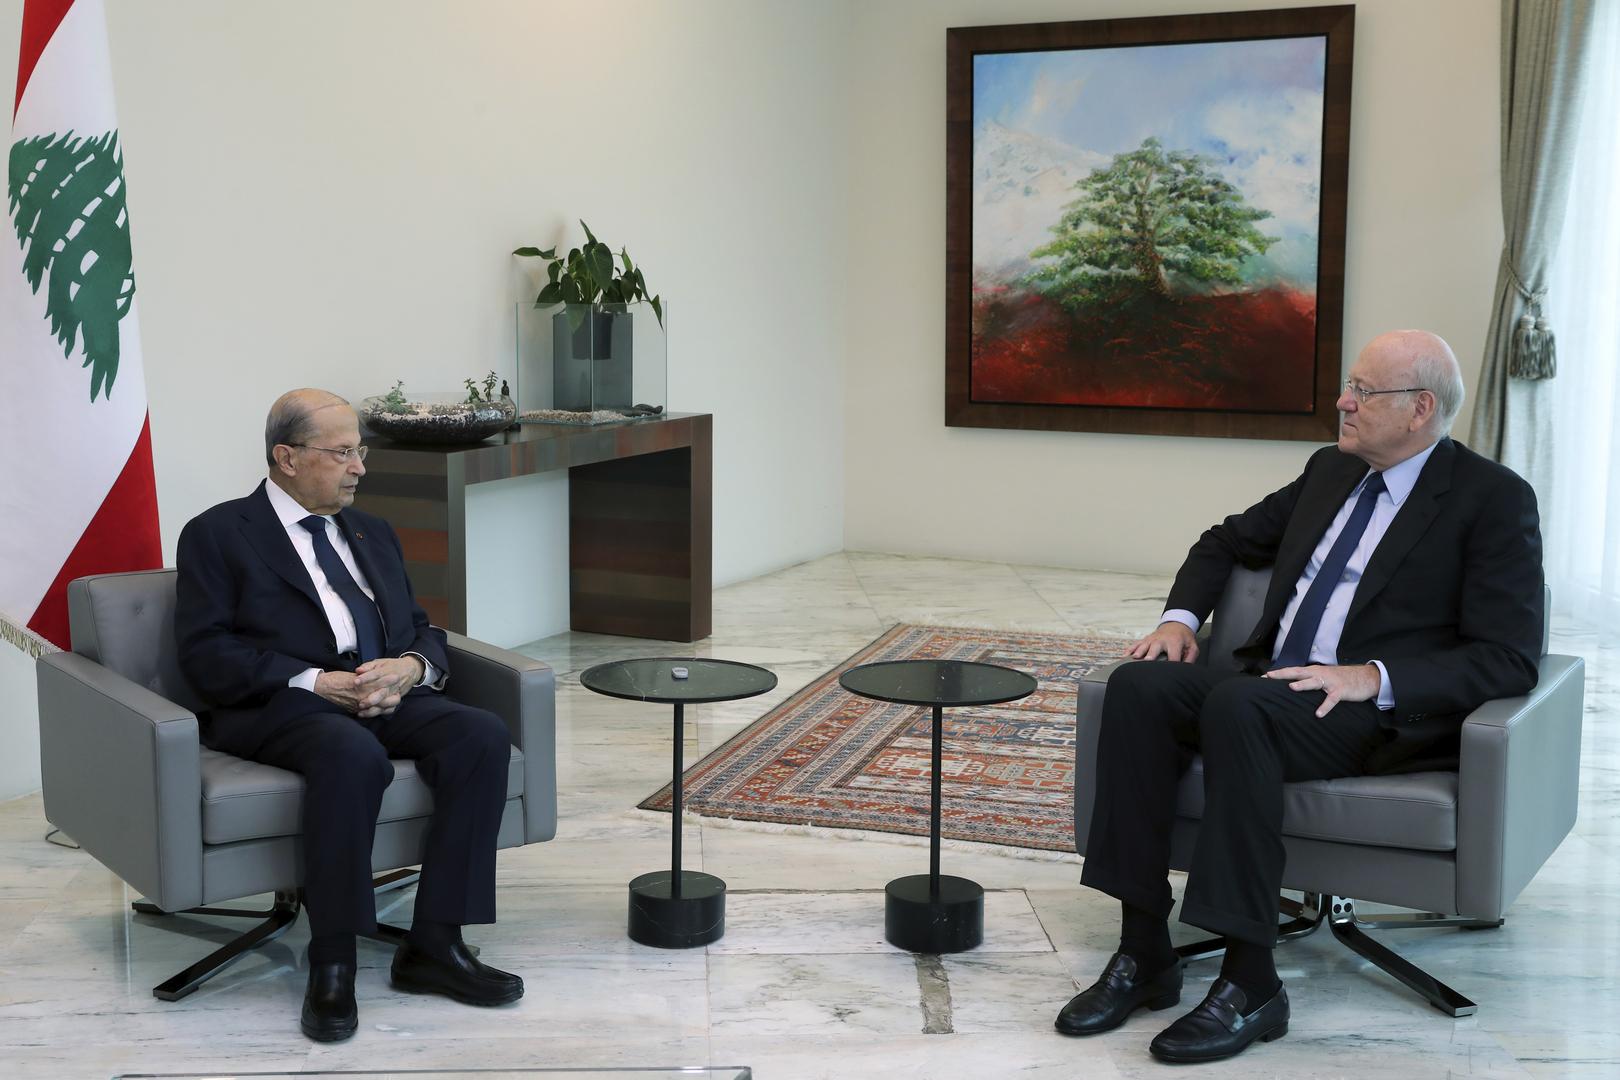 الرئيس اللبناني، ميشال عون ورئيس الحكومة اللبنانية نجيب ميقاتي